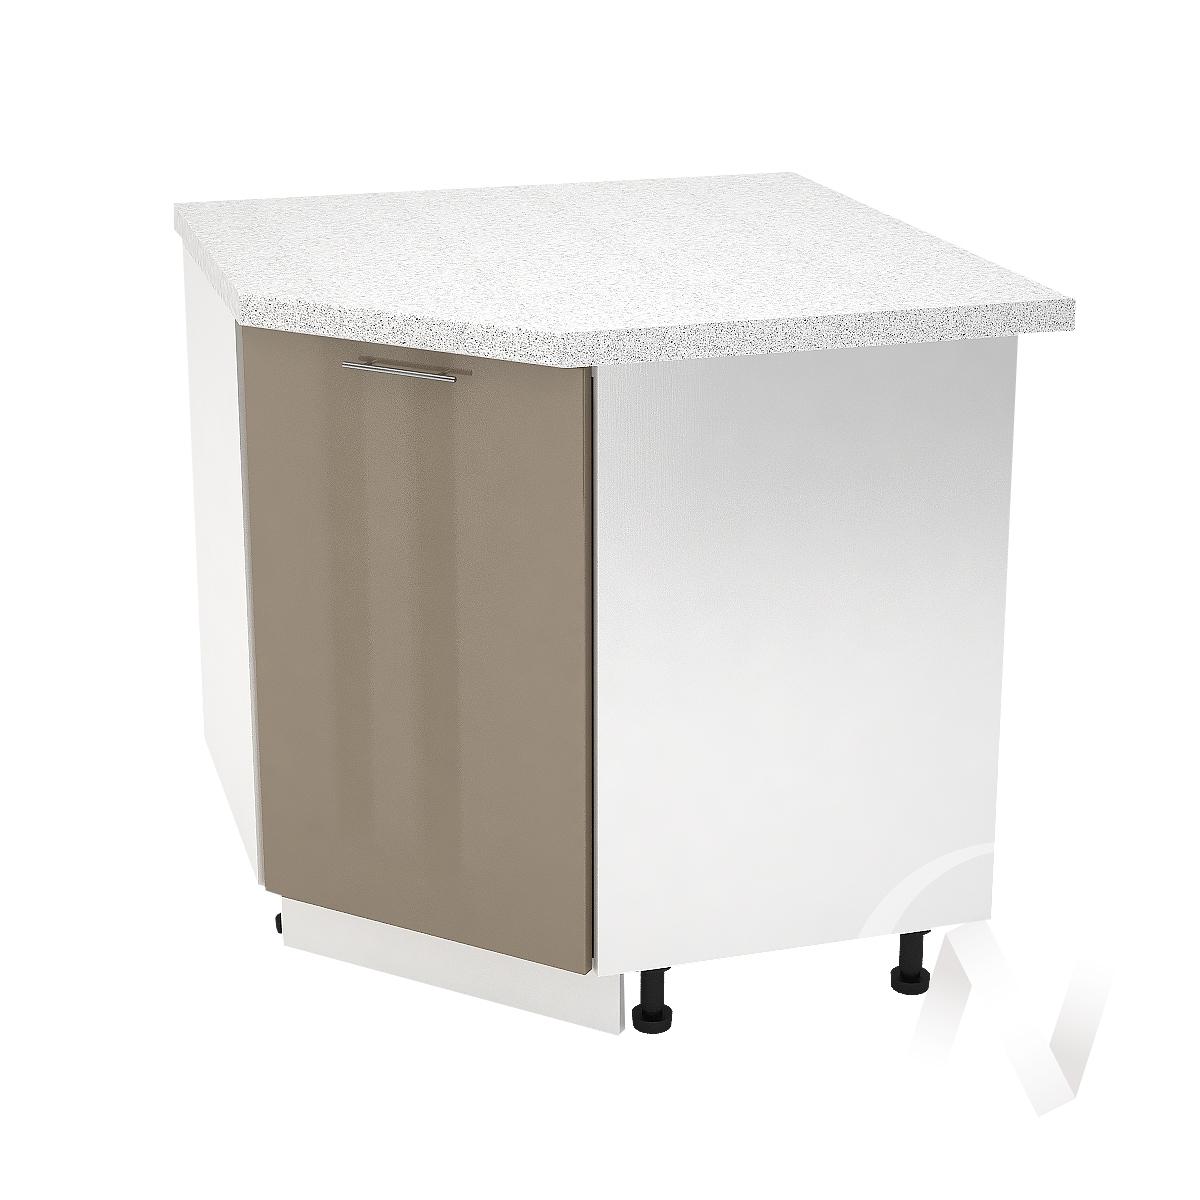 """Кухня """"Валерия-М"""": Шкаф нижний угловой 890, ШНУ 890 (Капучино глянец/корпус белый)"""